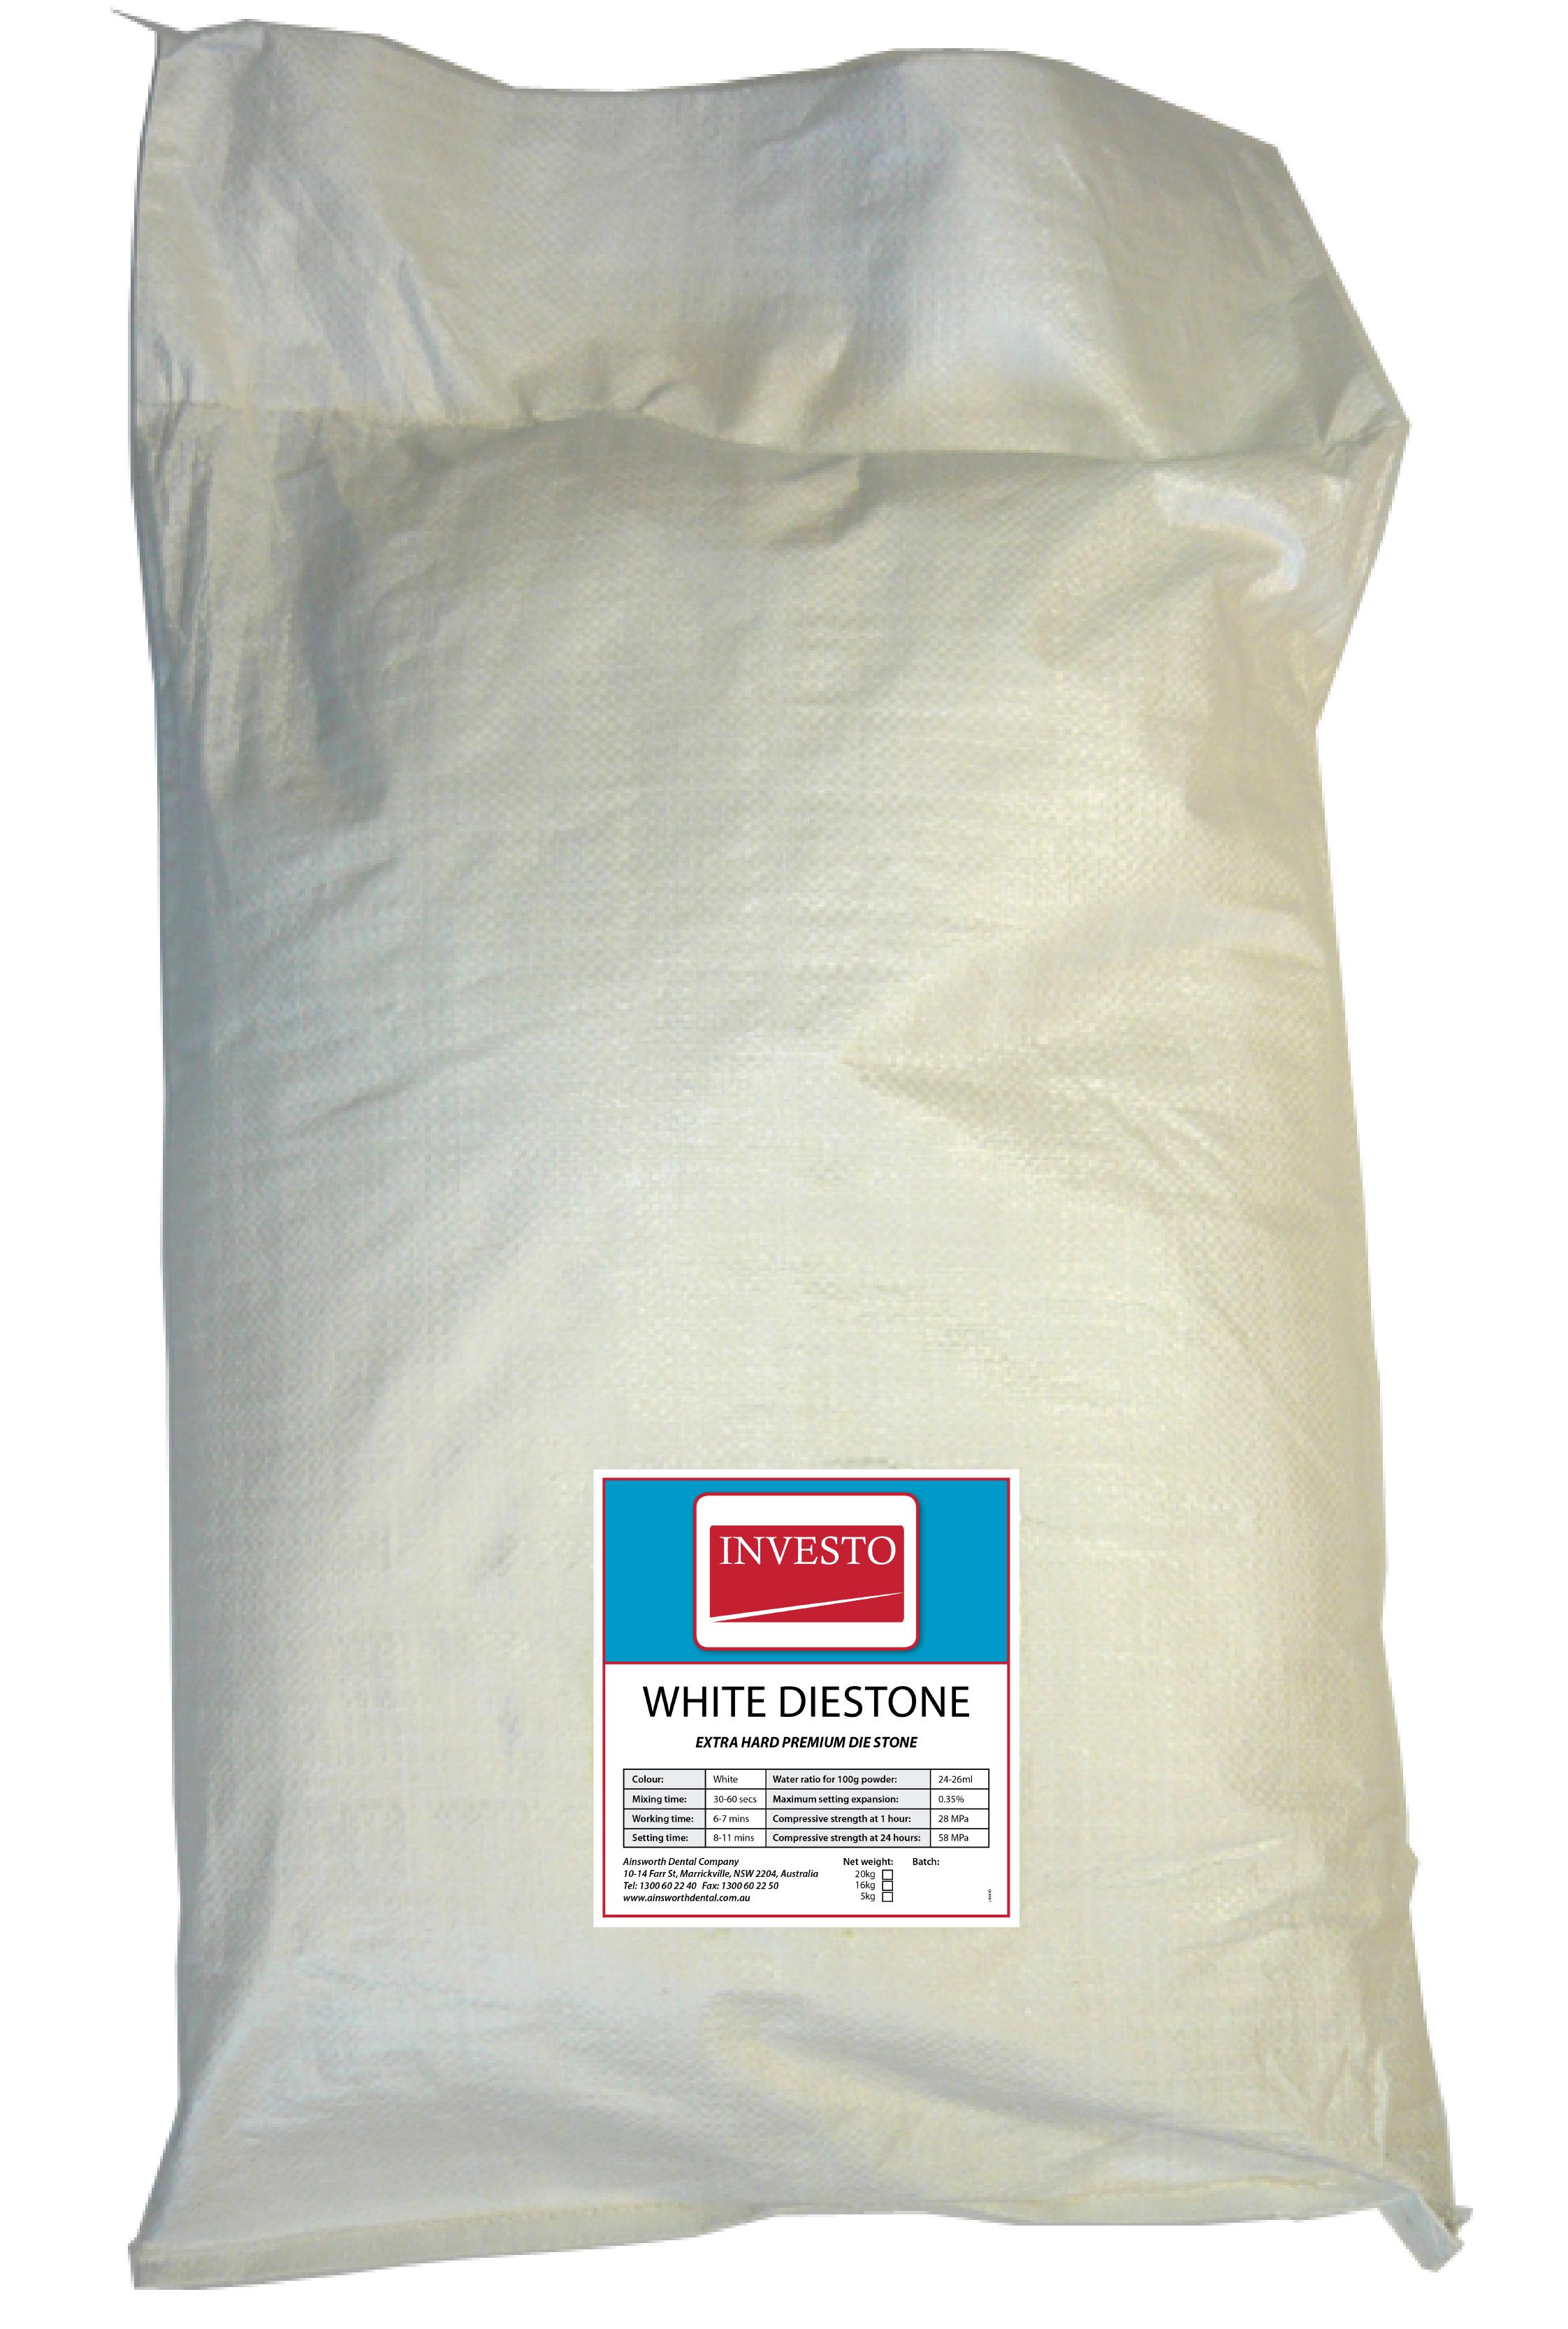 Investo White Diestone 20kg Bag